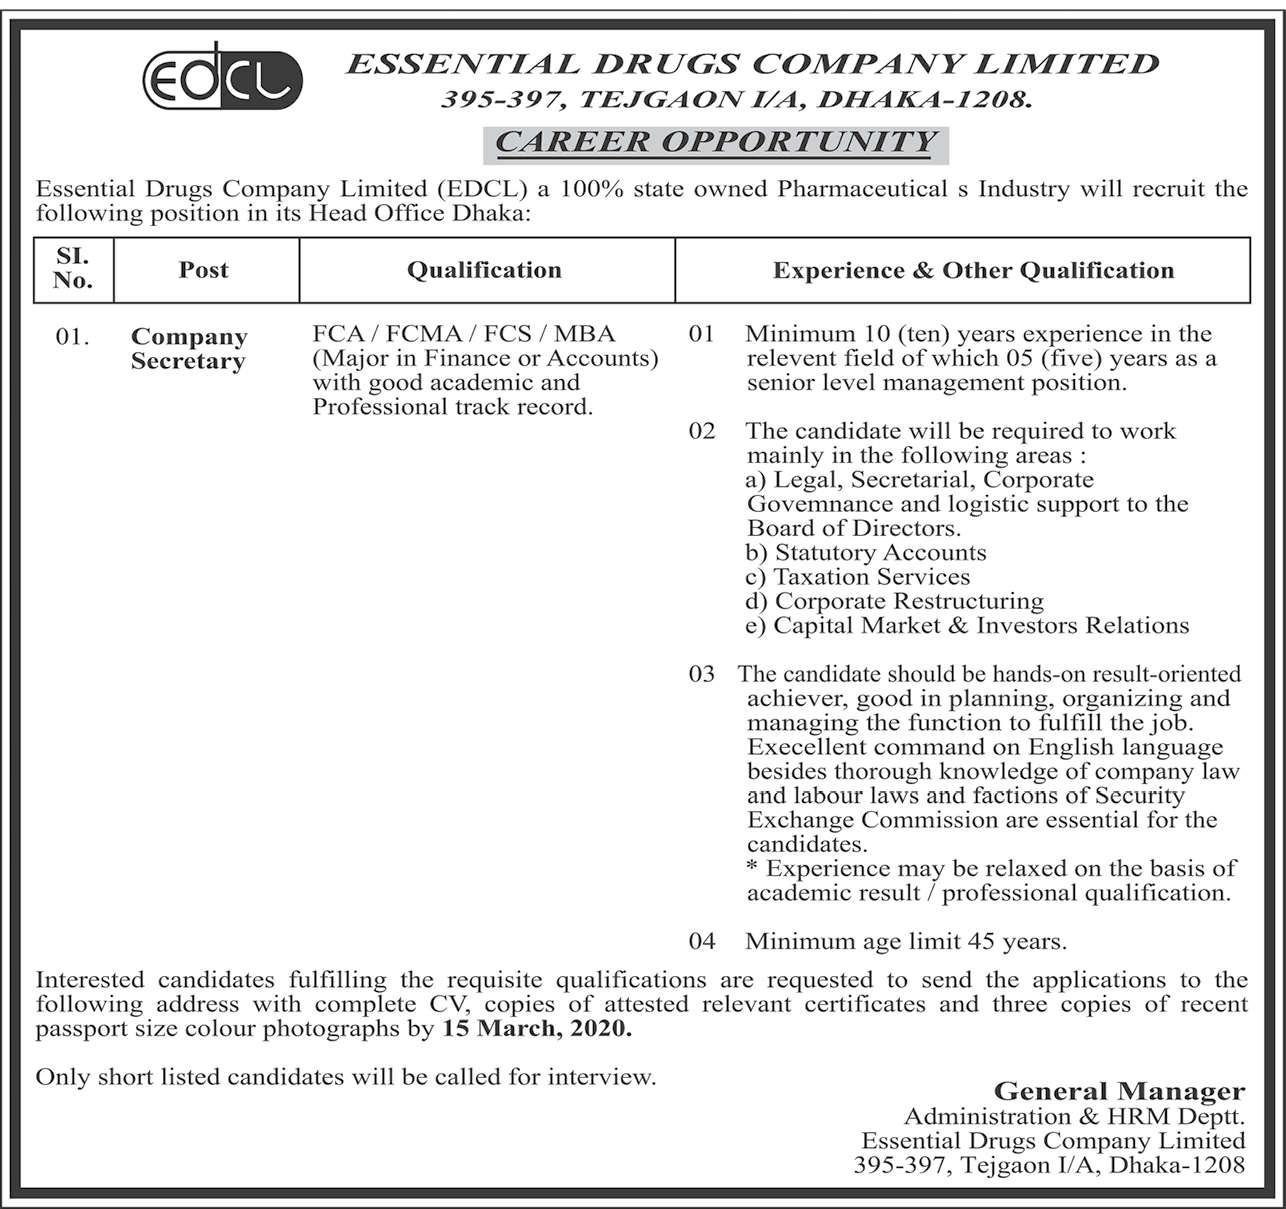 EDCLJob Circular - cca.gov.bd